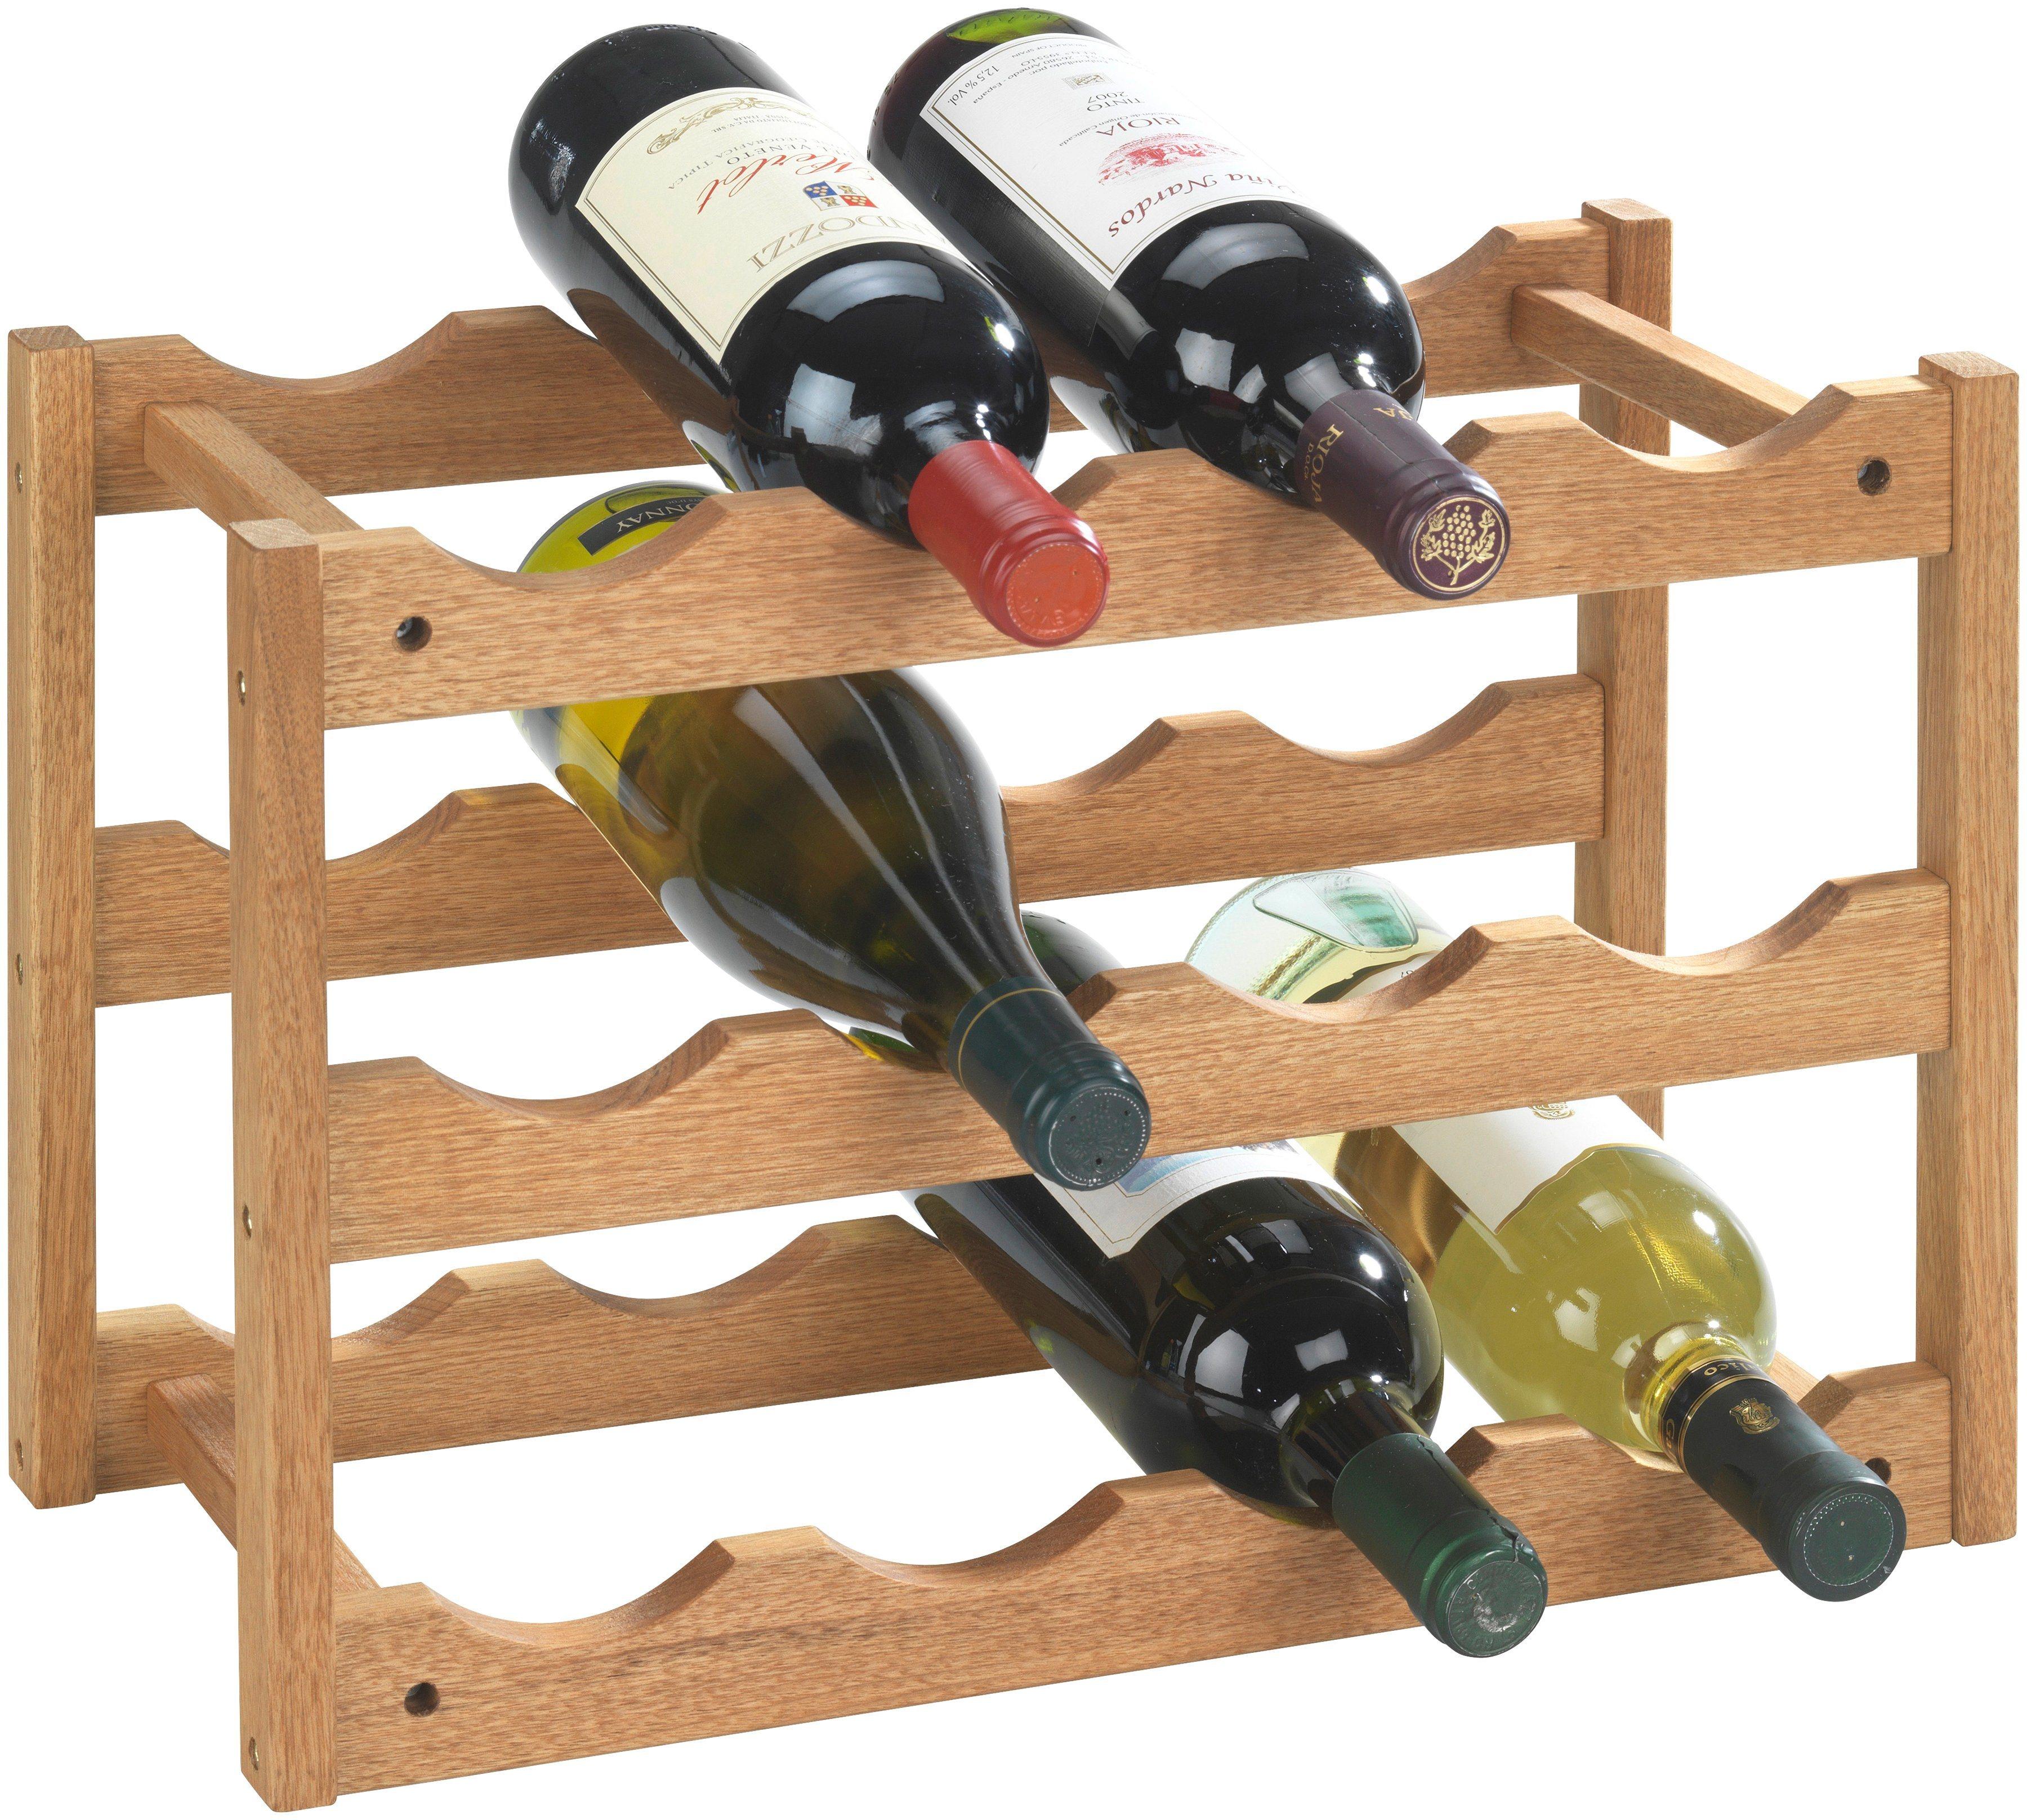 Set: WENKO Weinregal »Norway«, 2er-Set, für bis zu 24 Weinflaschen   Küche und Esszimmer > Küchenregale > Weinregale   Massivholz   WENKO